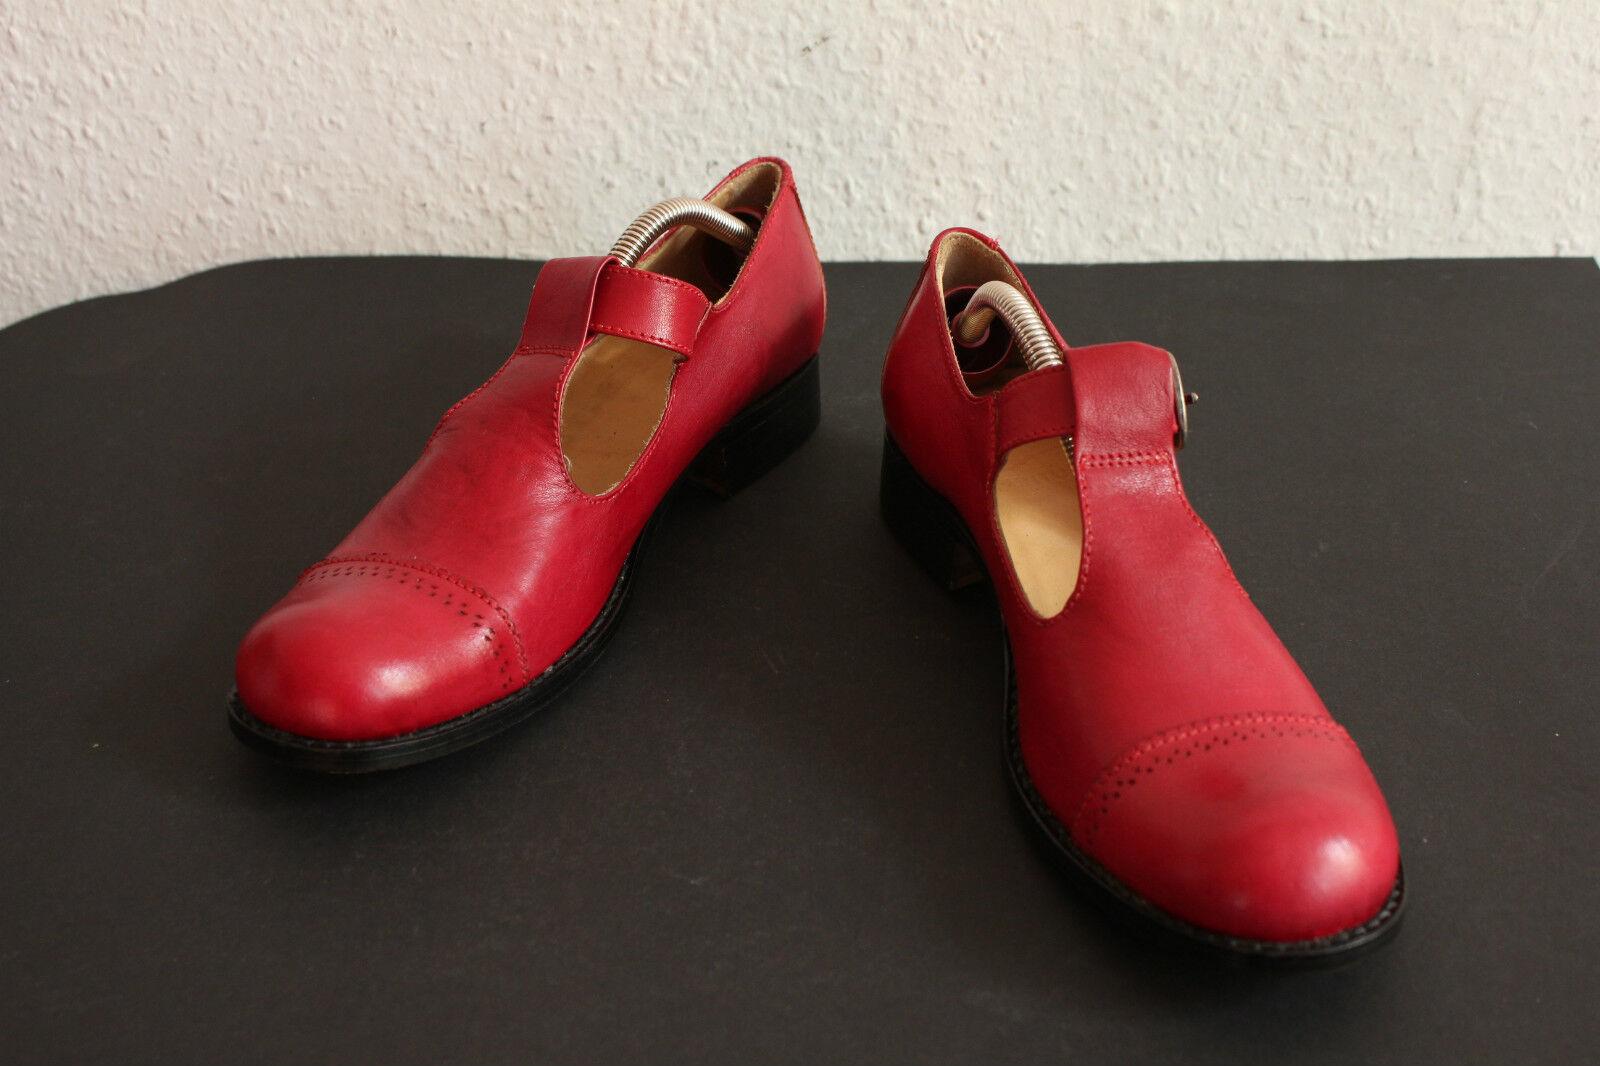 Los zapatos más populares para hombres y mujeres Descuento por tiempo limitado Vintage Impunture Mary Jane Halbschuhe Riemchen Sandalen Echtleder Rot 39 39,5